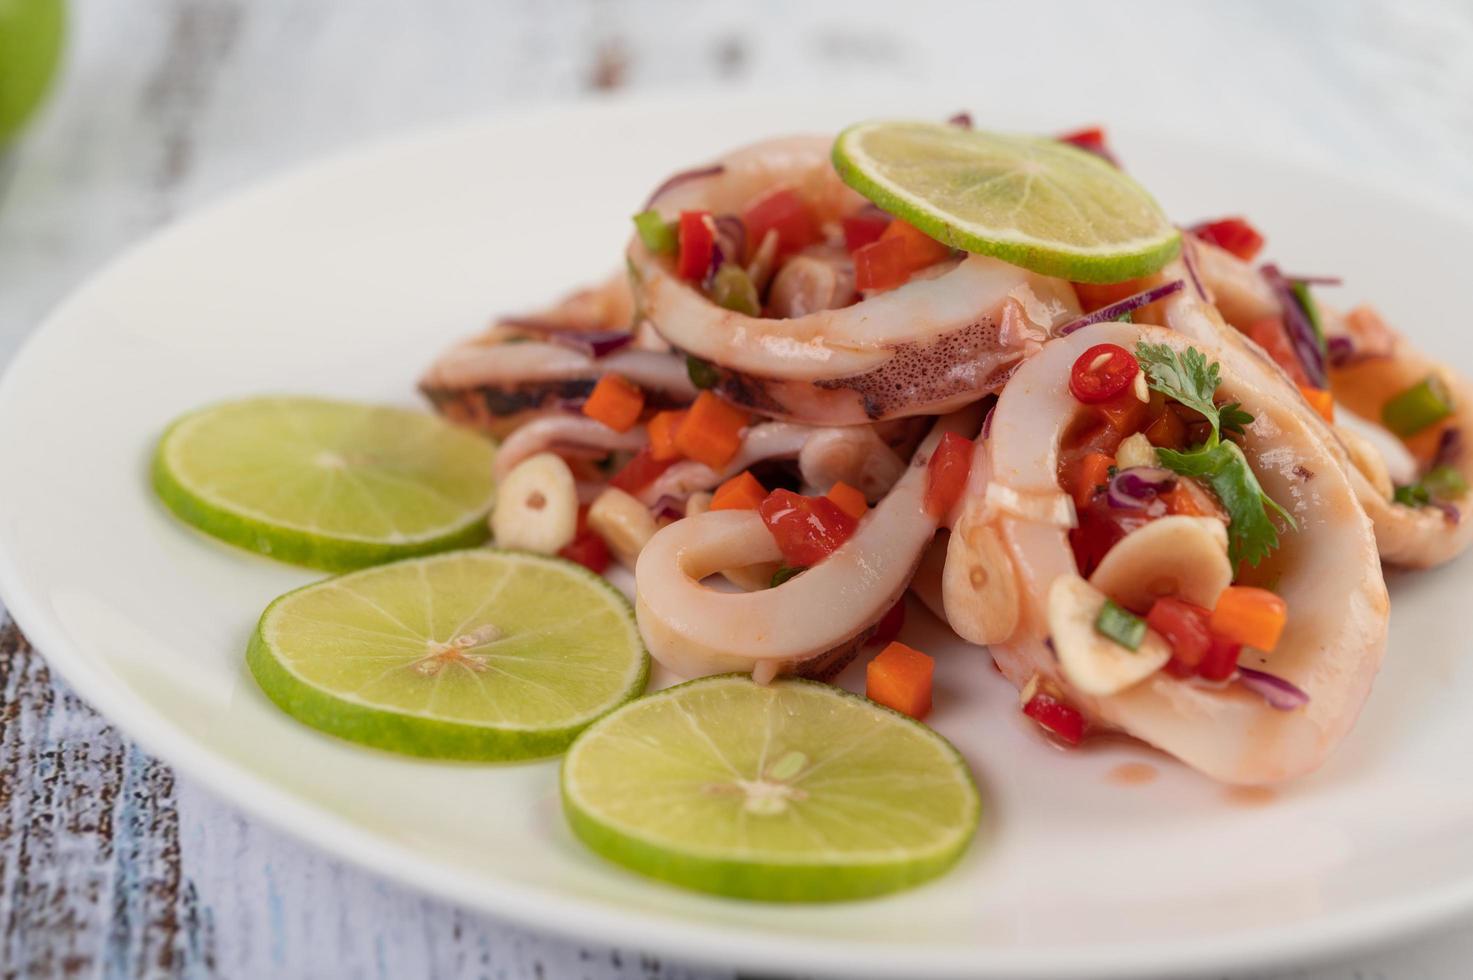 plat de calamars épicés au citron photo